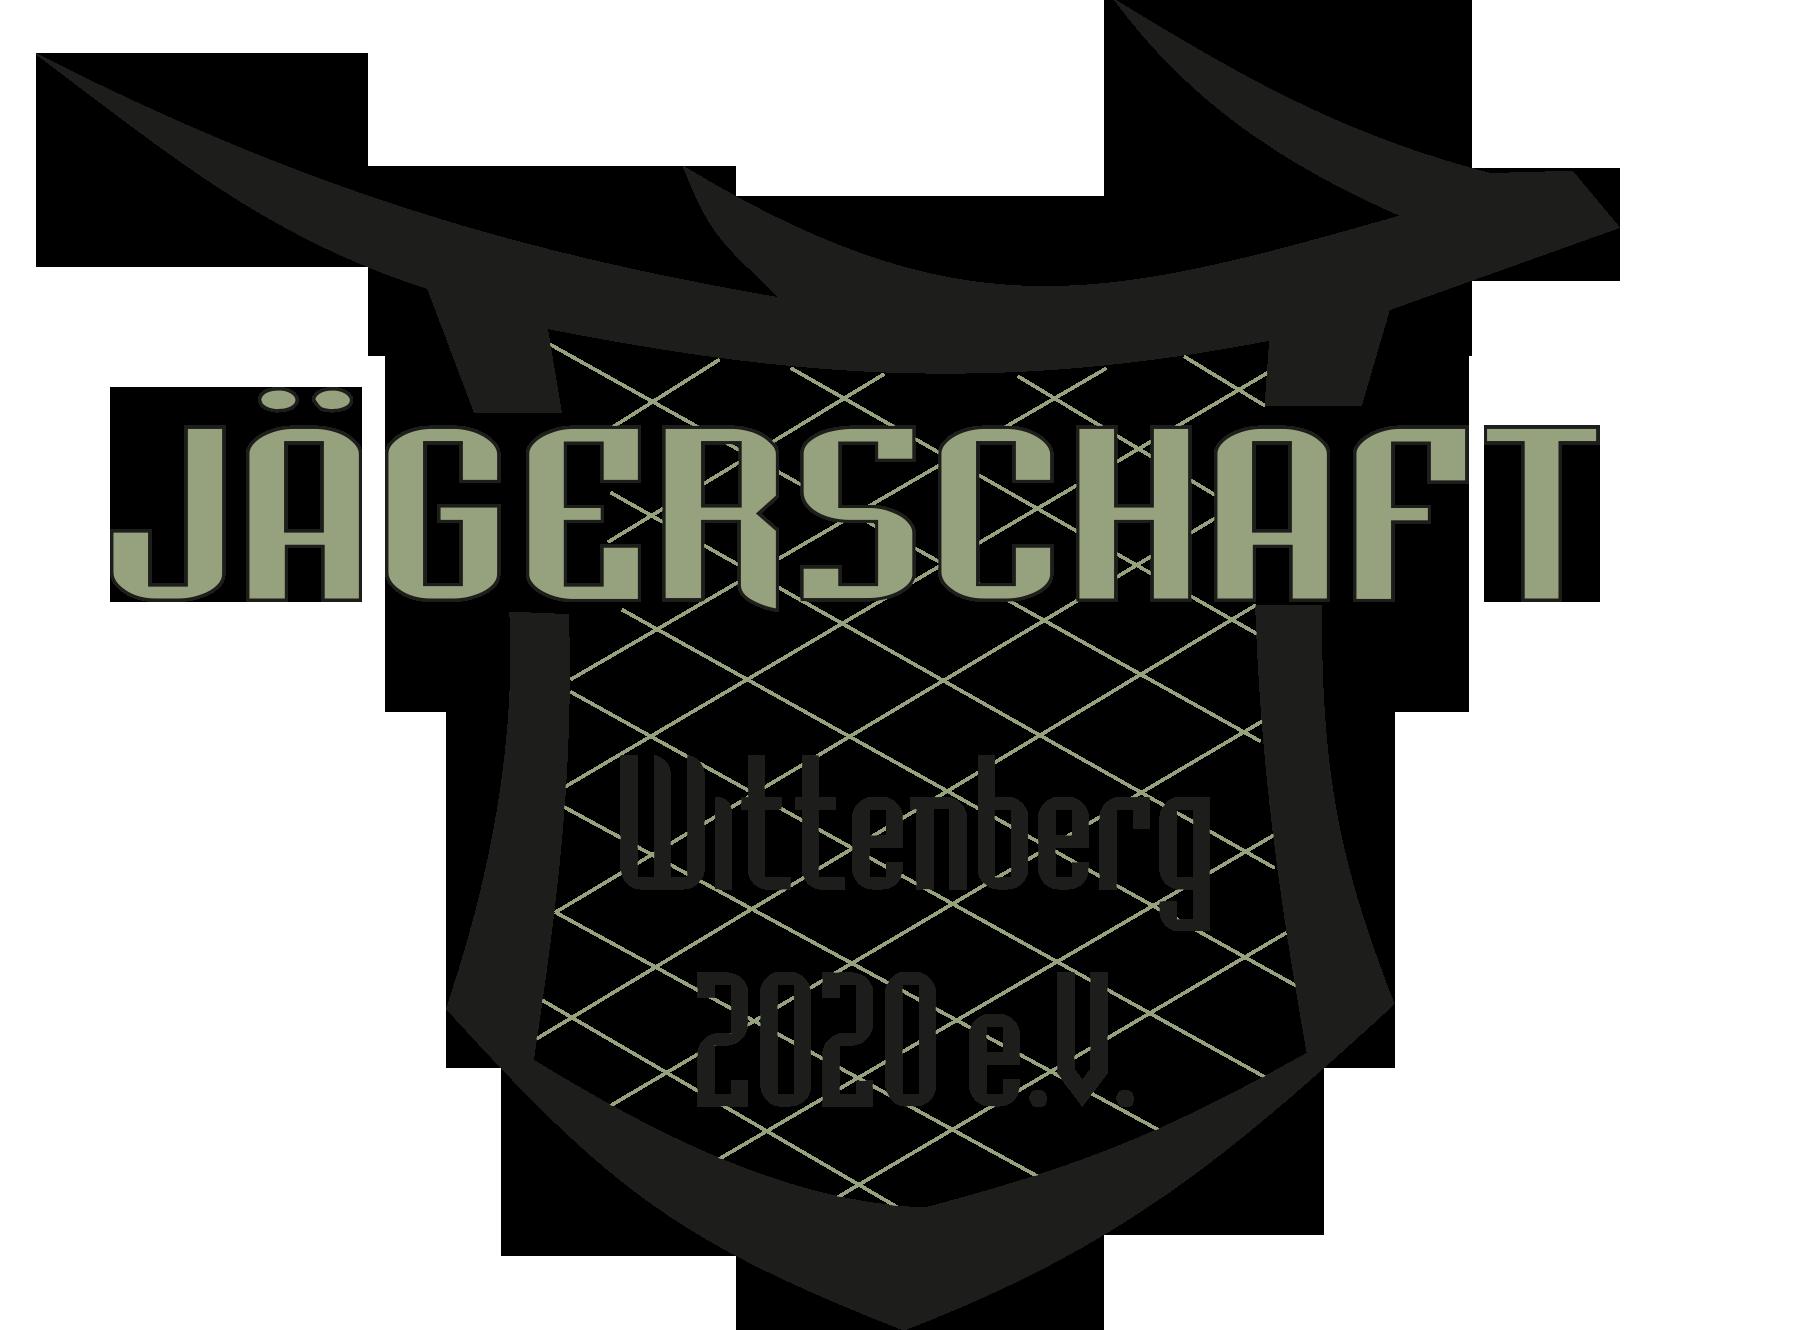 Jägerschaft Wittenberg 2020